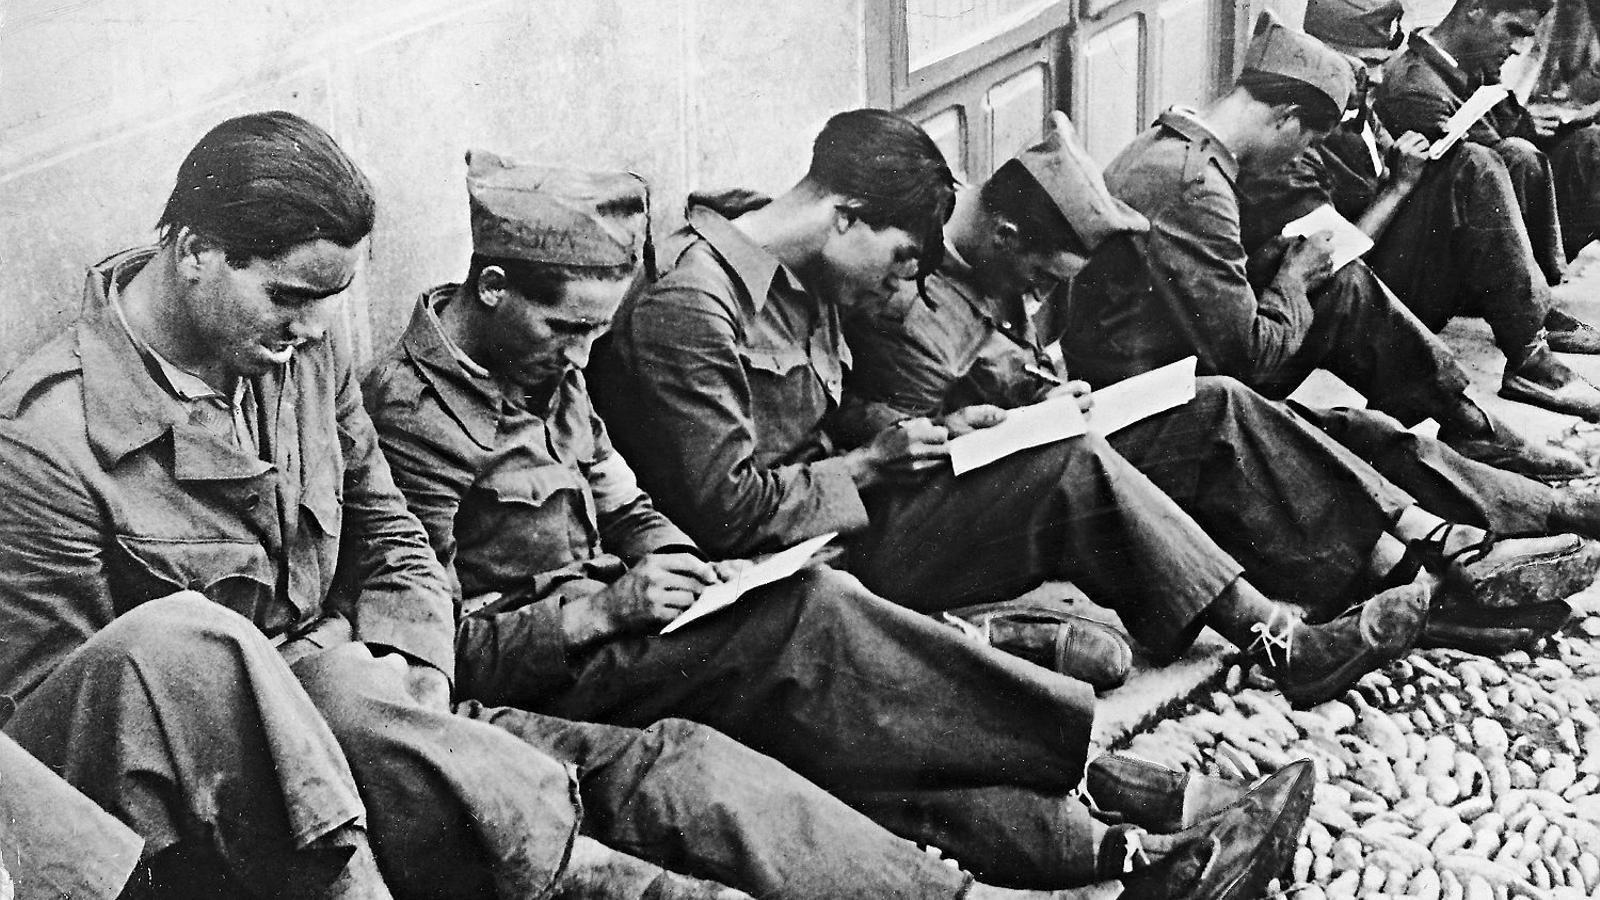 Soldats republicans escrivint cartes a casa el 1936.